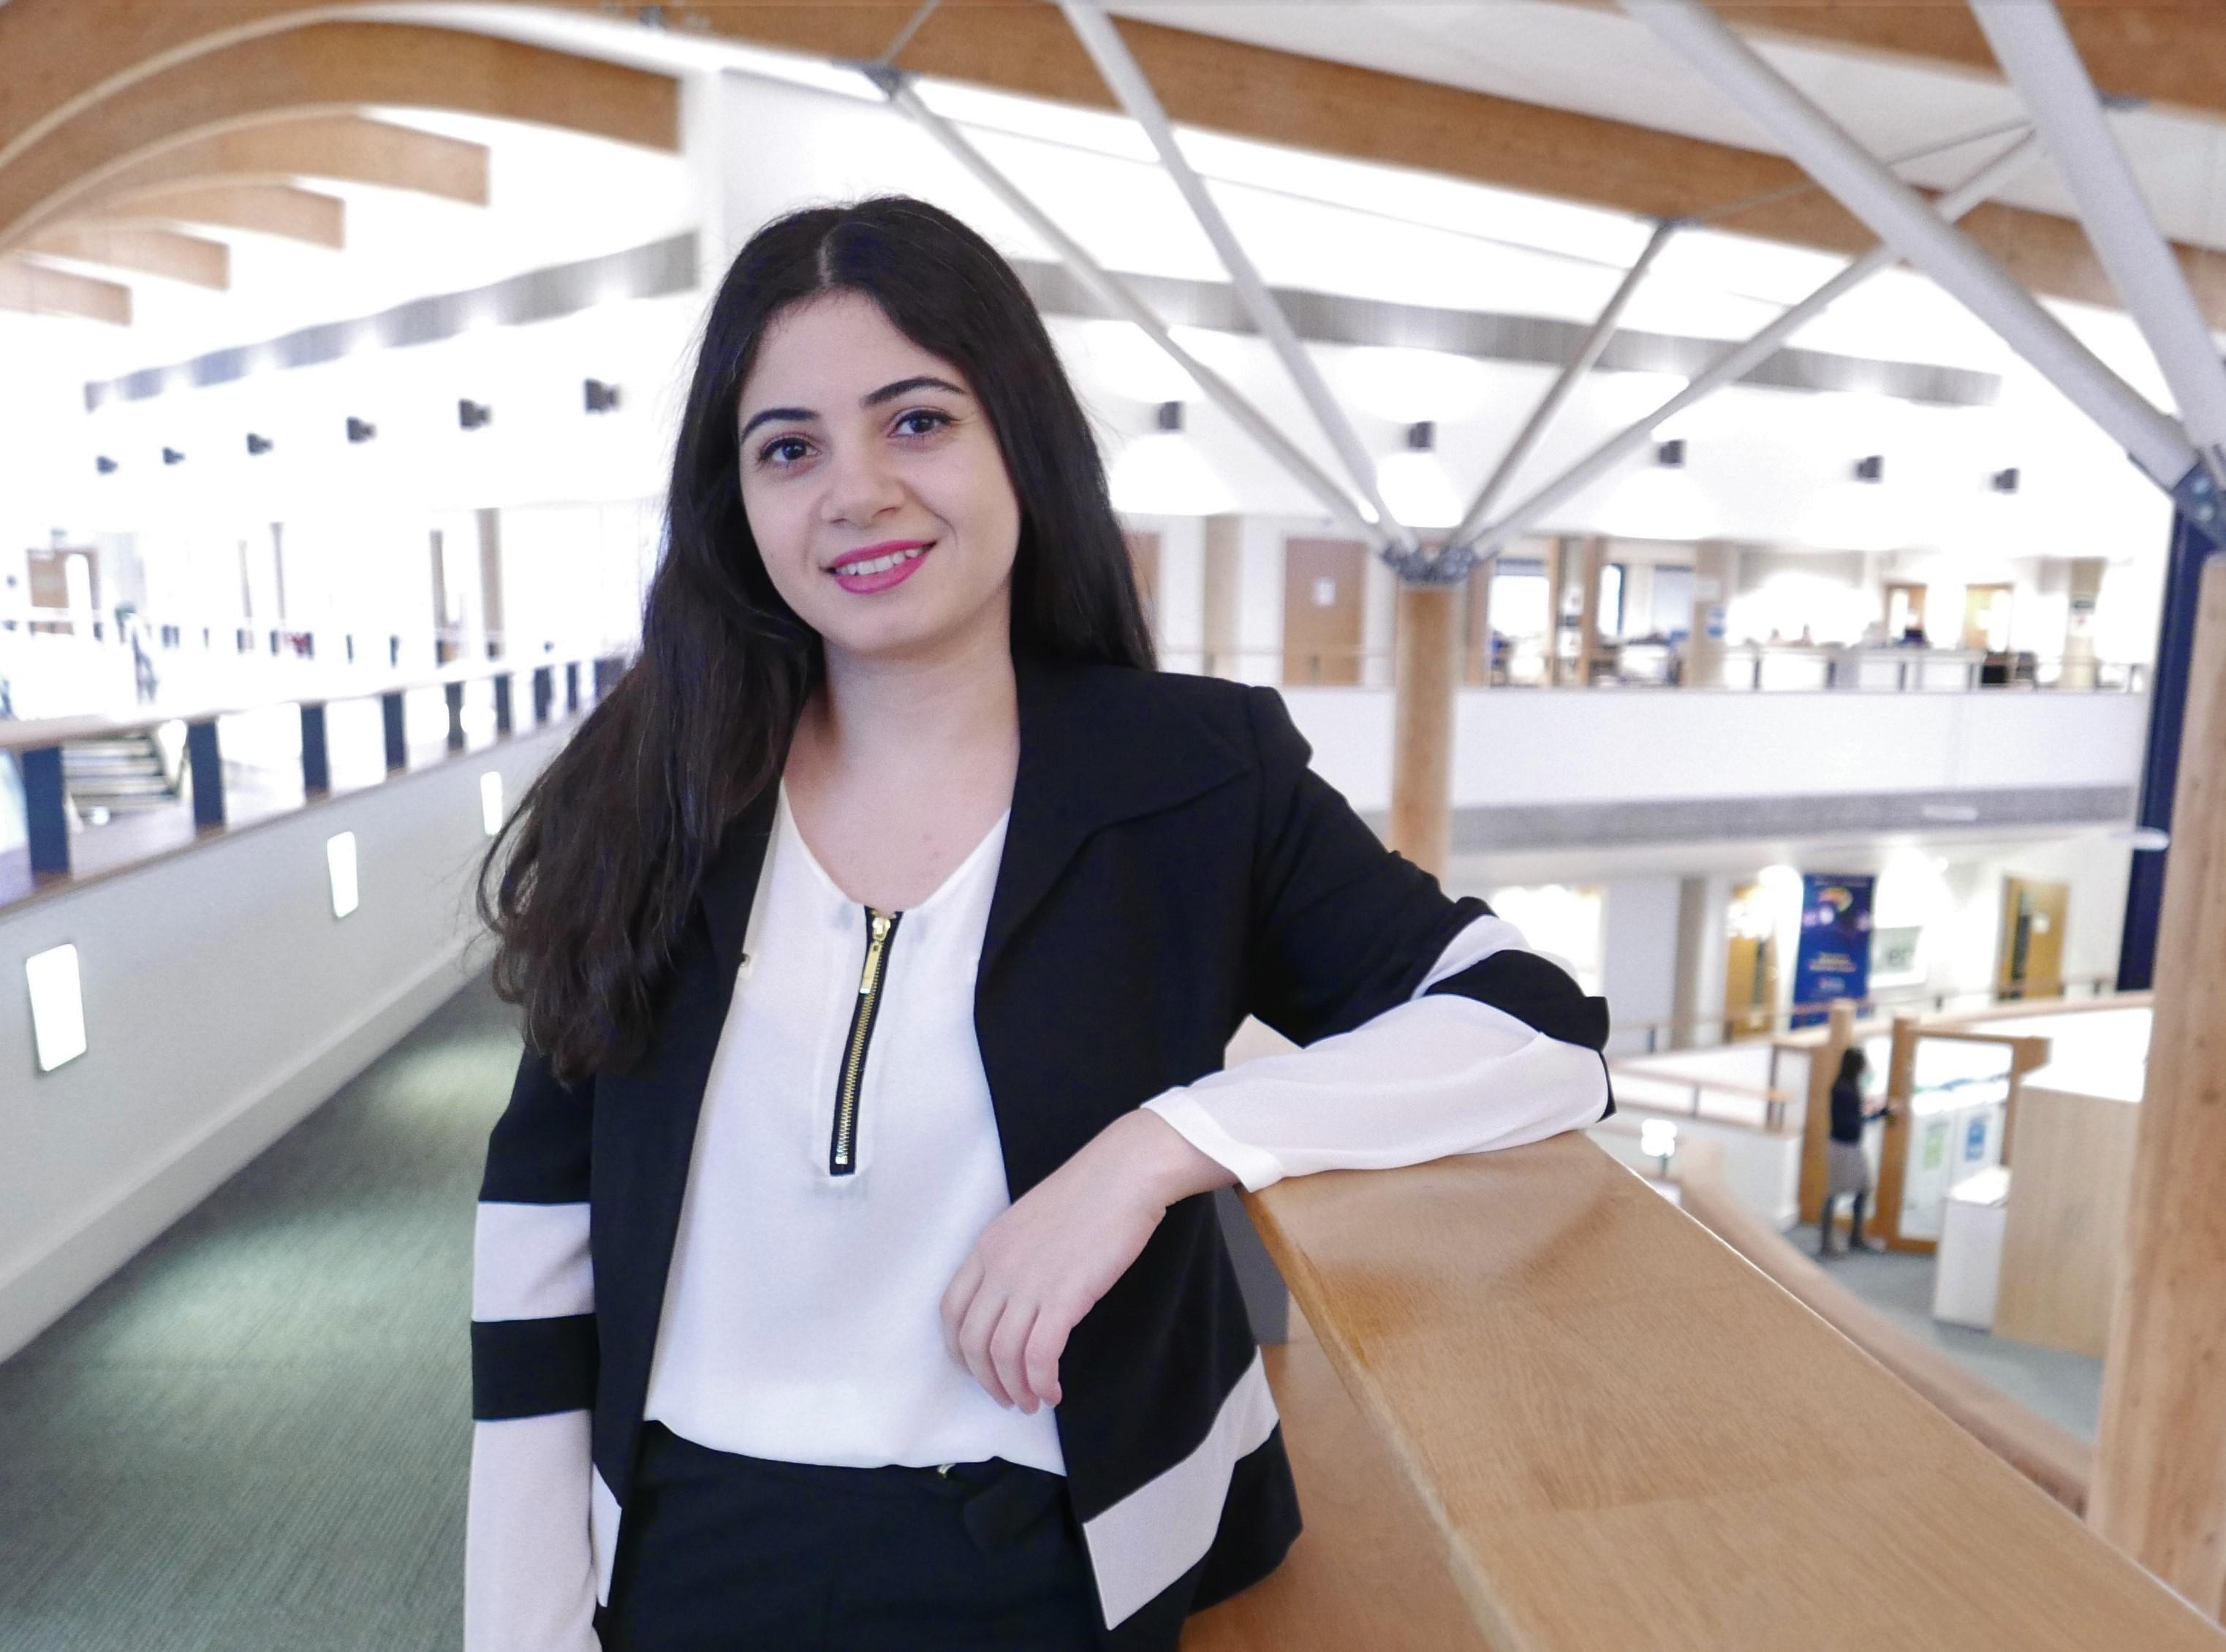 Rita Nasr